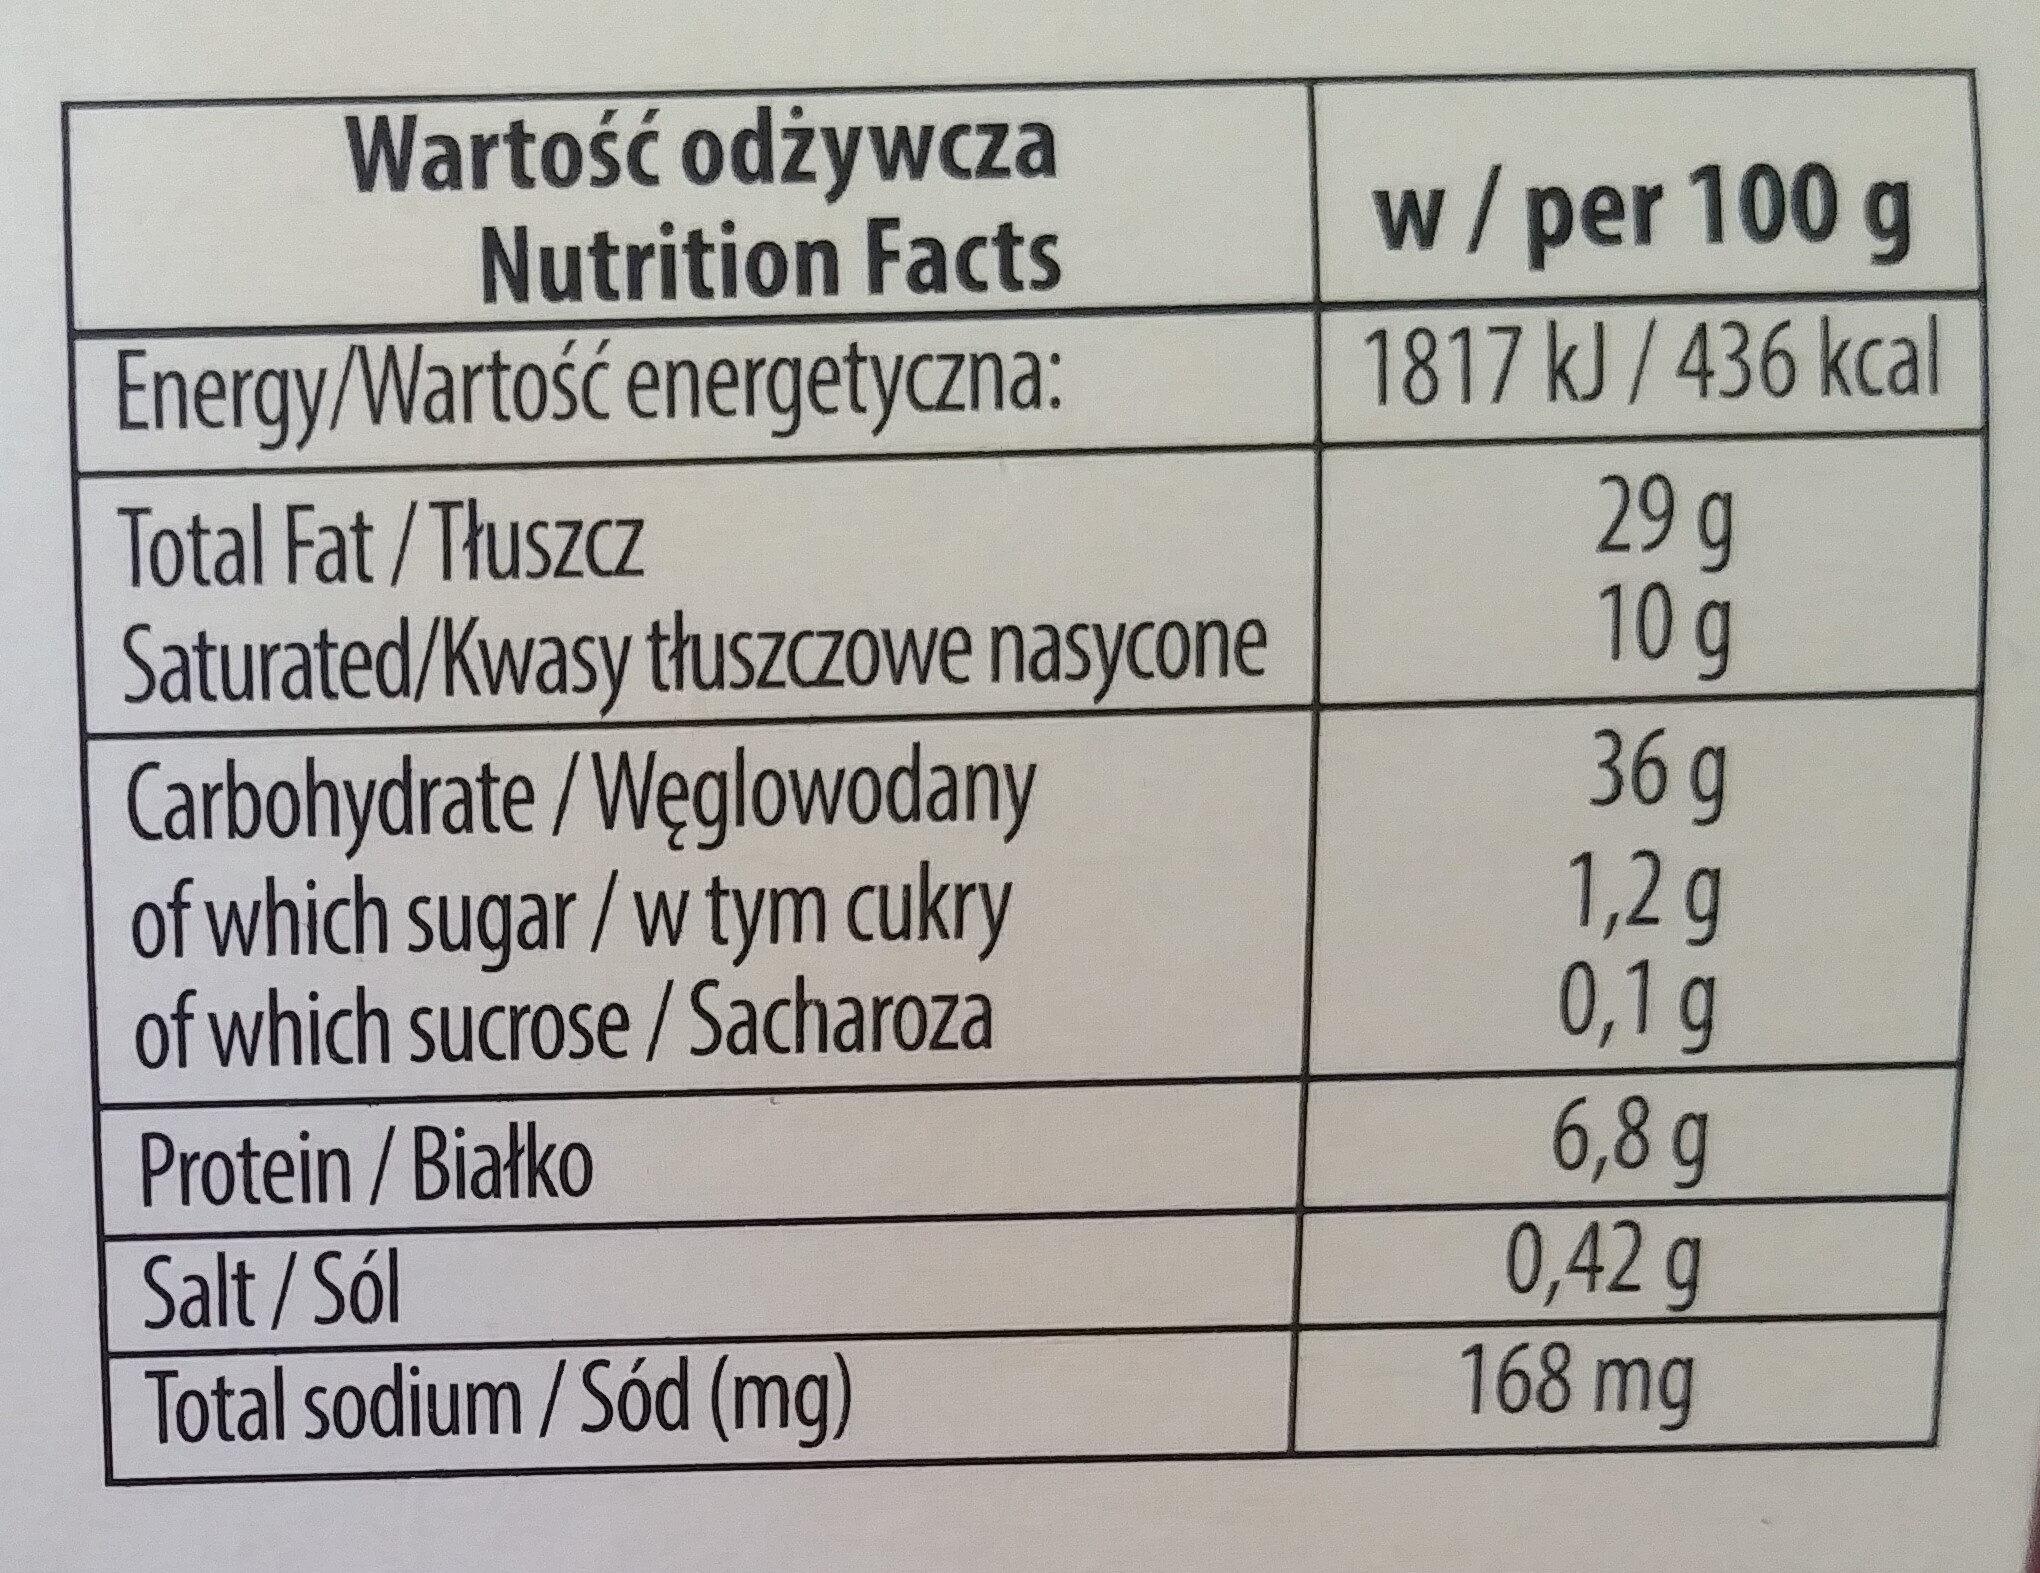 Kruche ciasteczka z orzechami bez dodatku cukru - Wartości odżywcze - pl